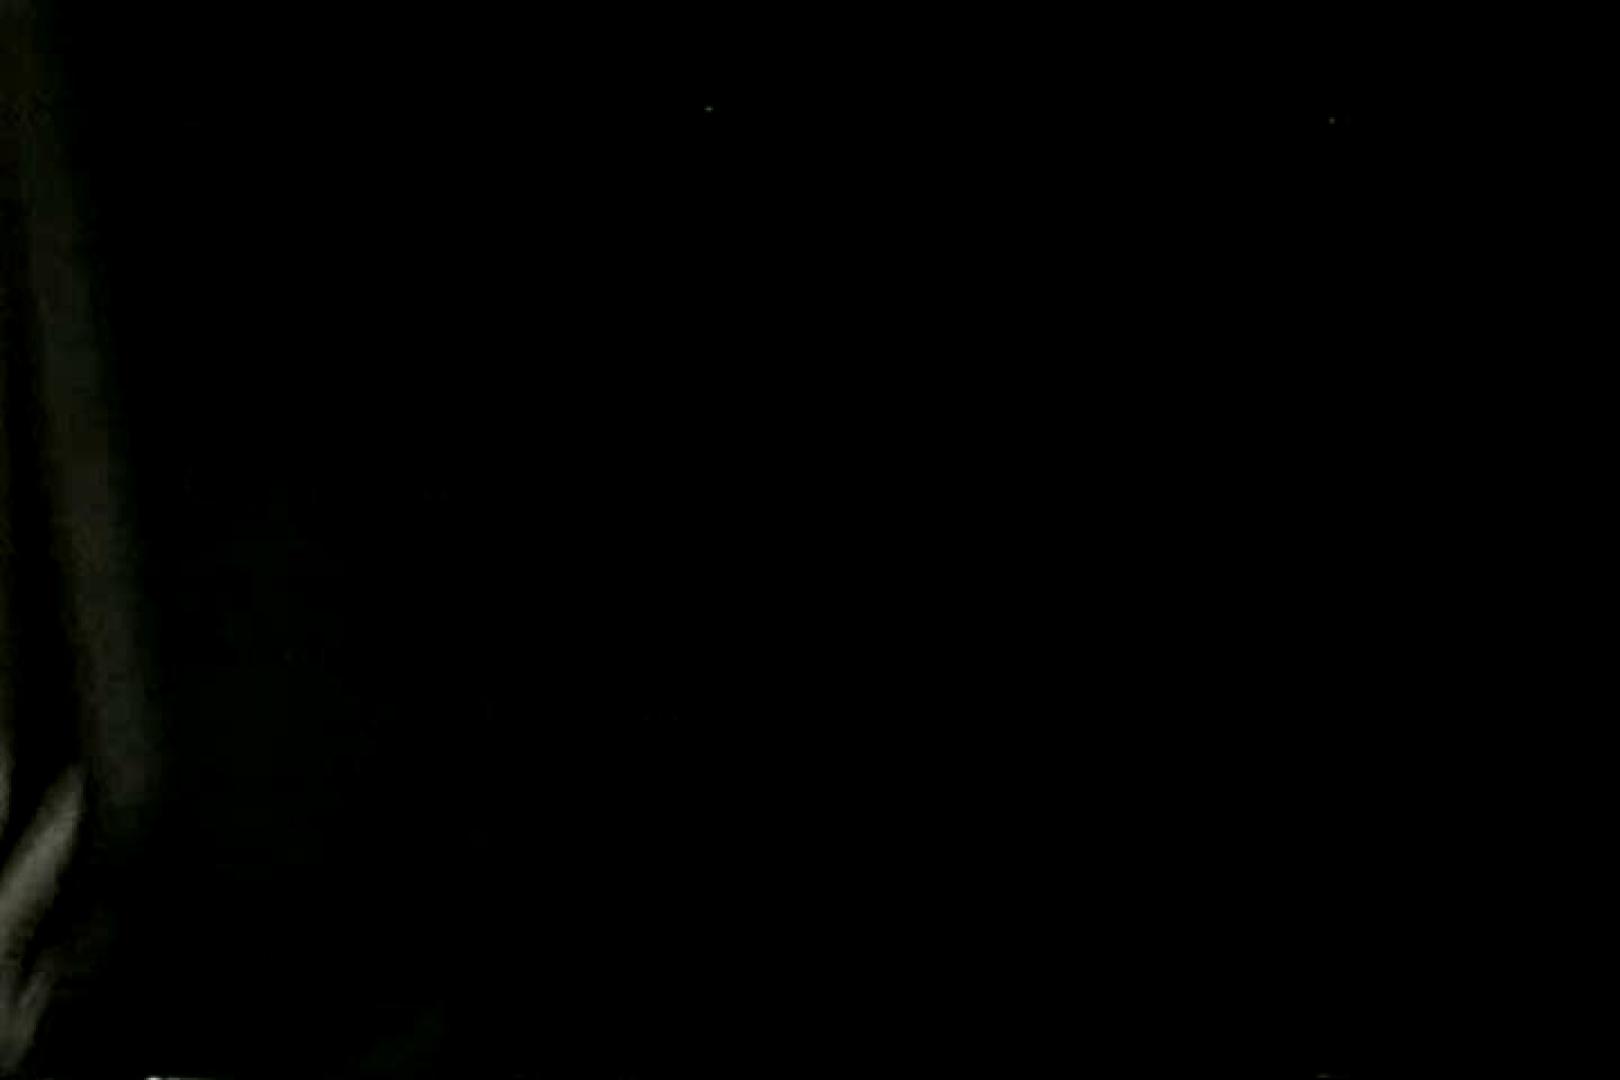 深夜の撮影会Vol.6 オナニー オメコ動画キャプチャ 102連発 32